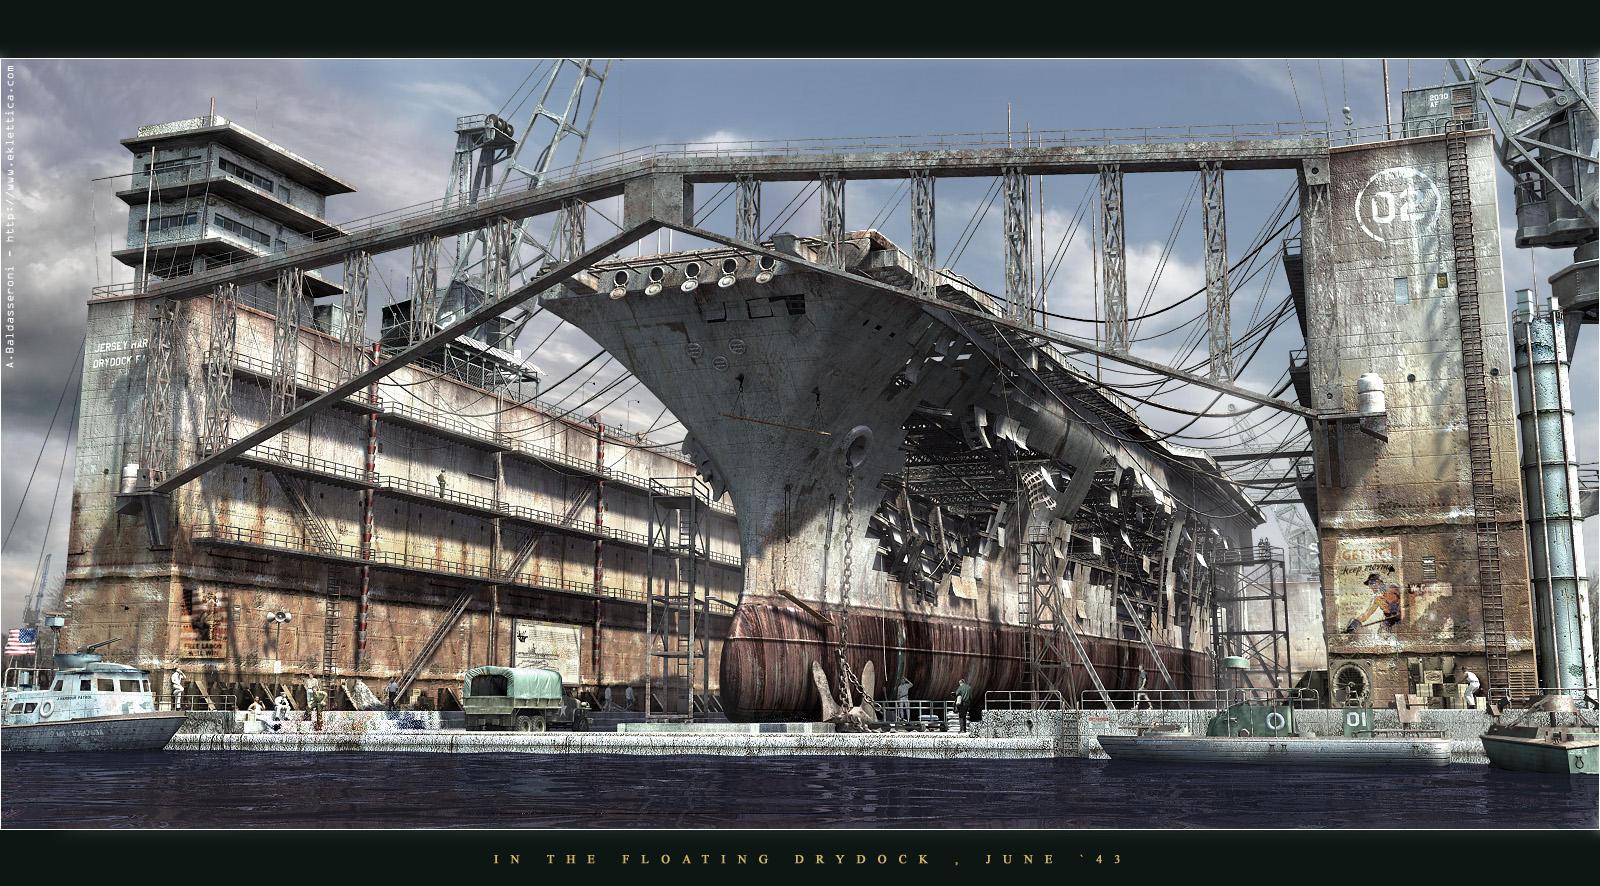 Floating Drydock 1943 by Baldasseroni